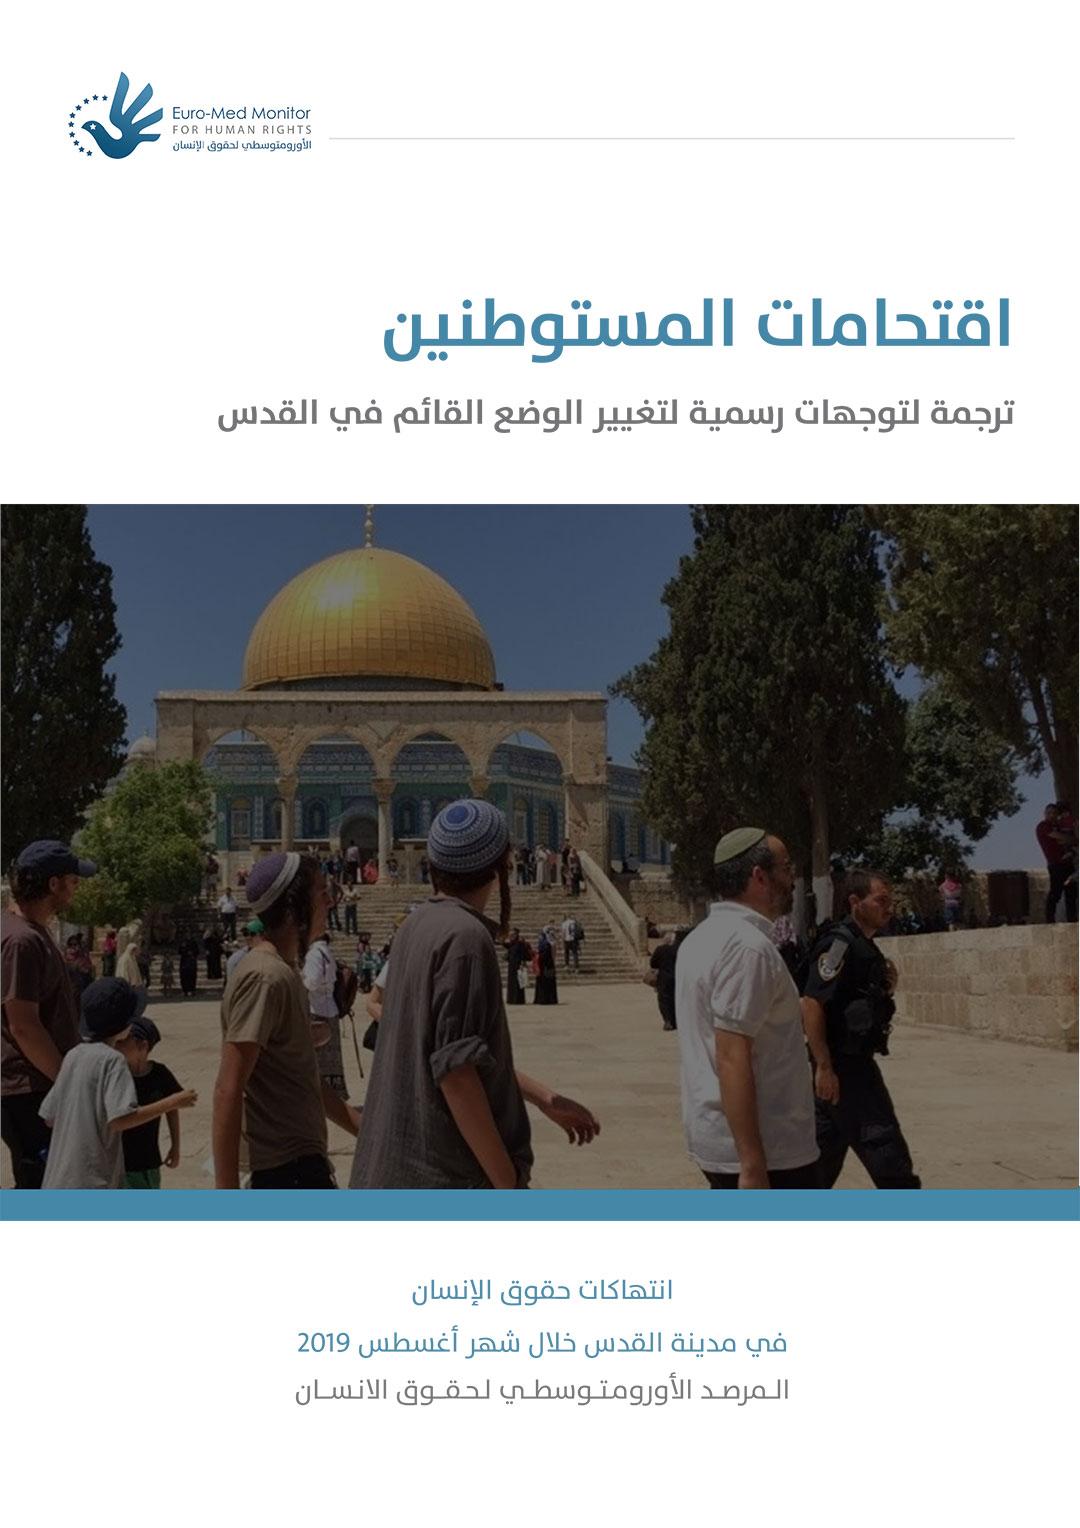 اقتحامات المستوطنين ترجمة لتوجهات رسمية لكسر سياسة الوضع القائم في القدس